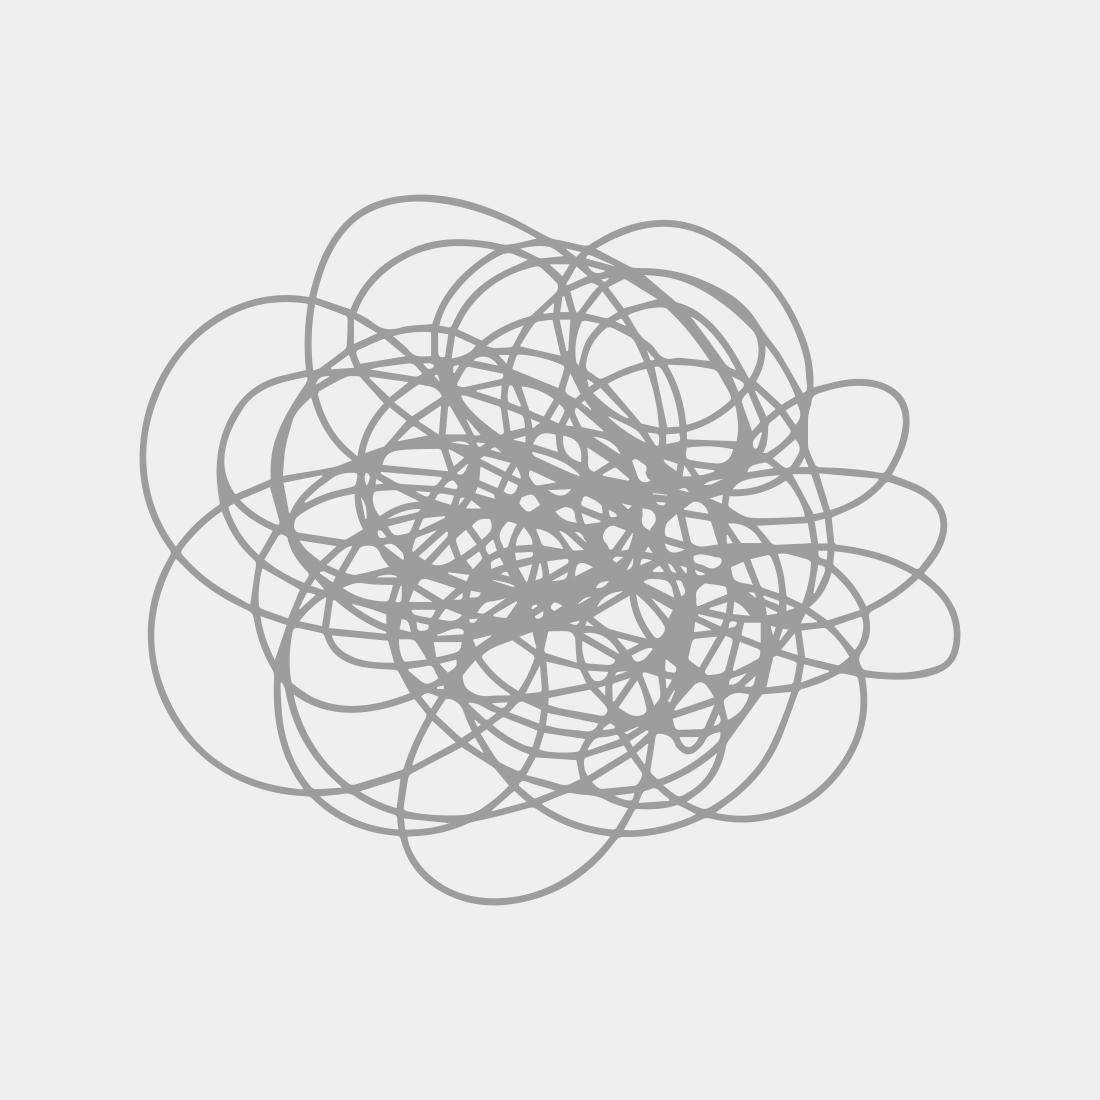 Emin / Munch Exhibition Poster